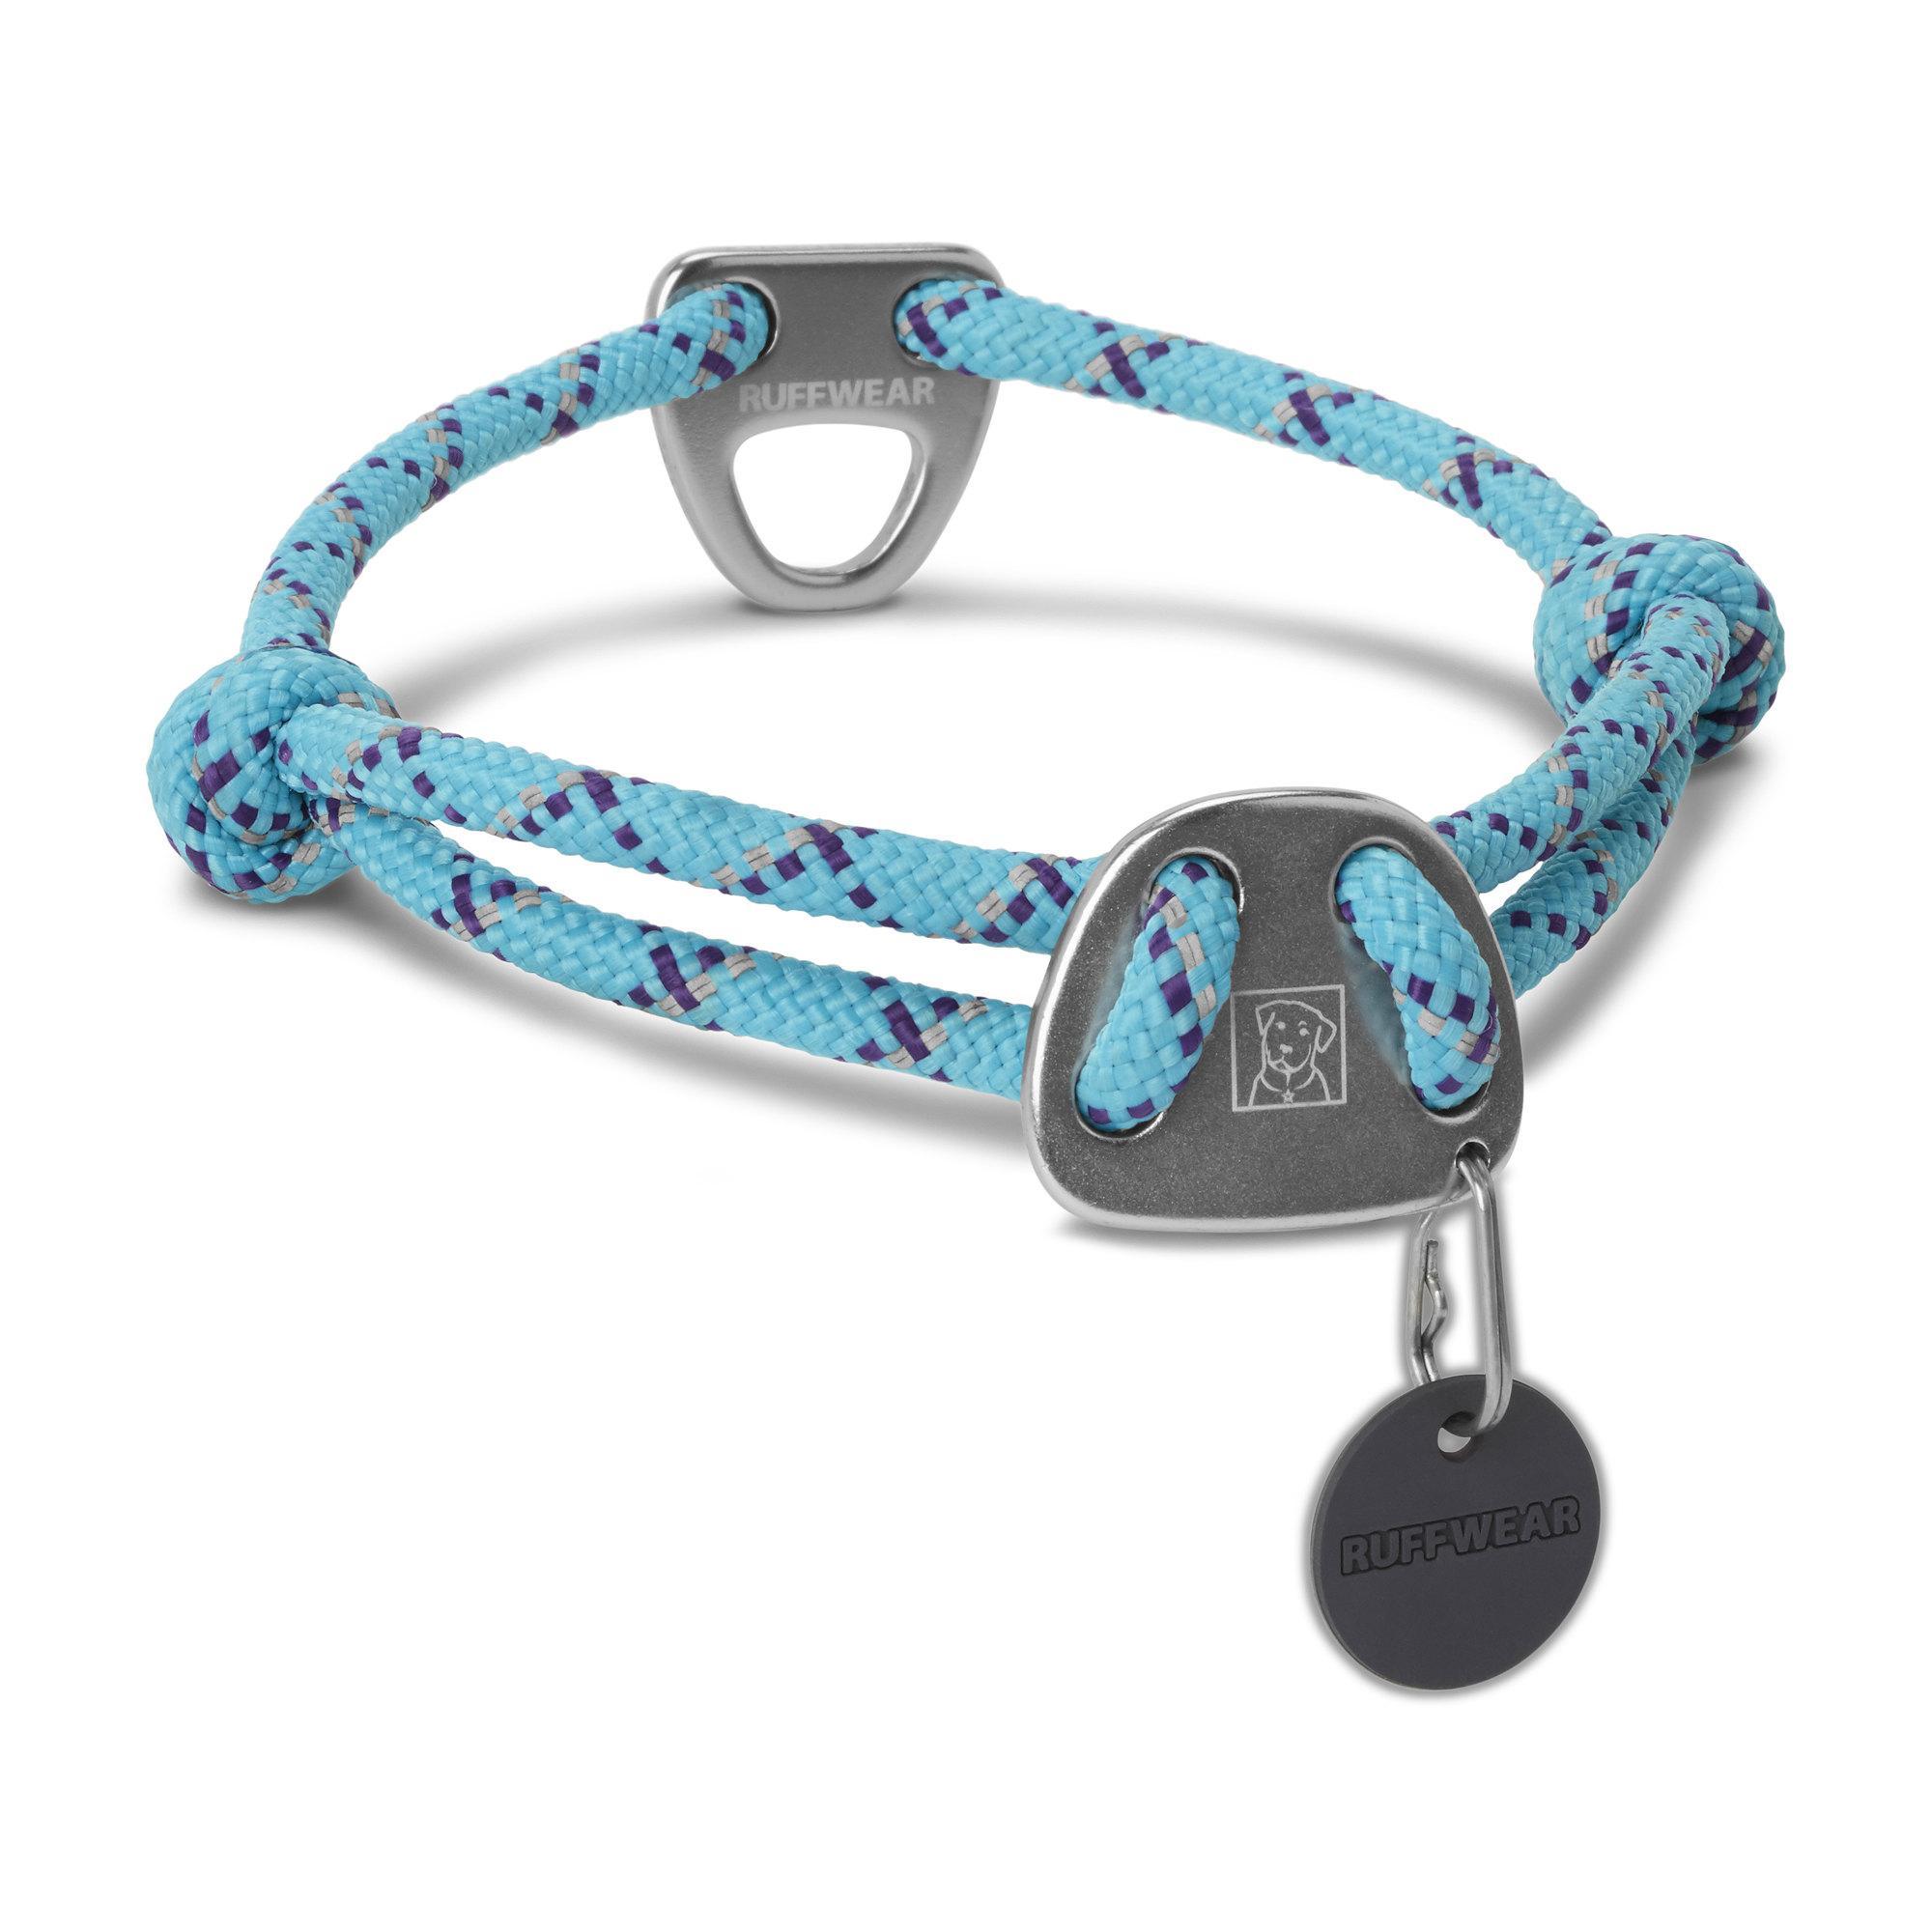 Knot-A-Collar Dog Collar by RuffWear - Blue Atoll